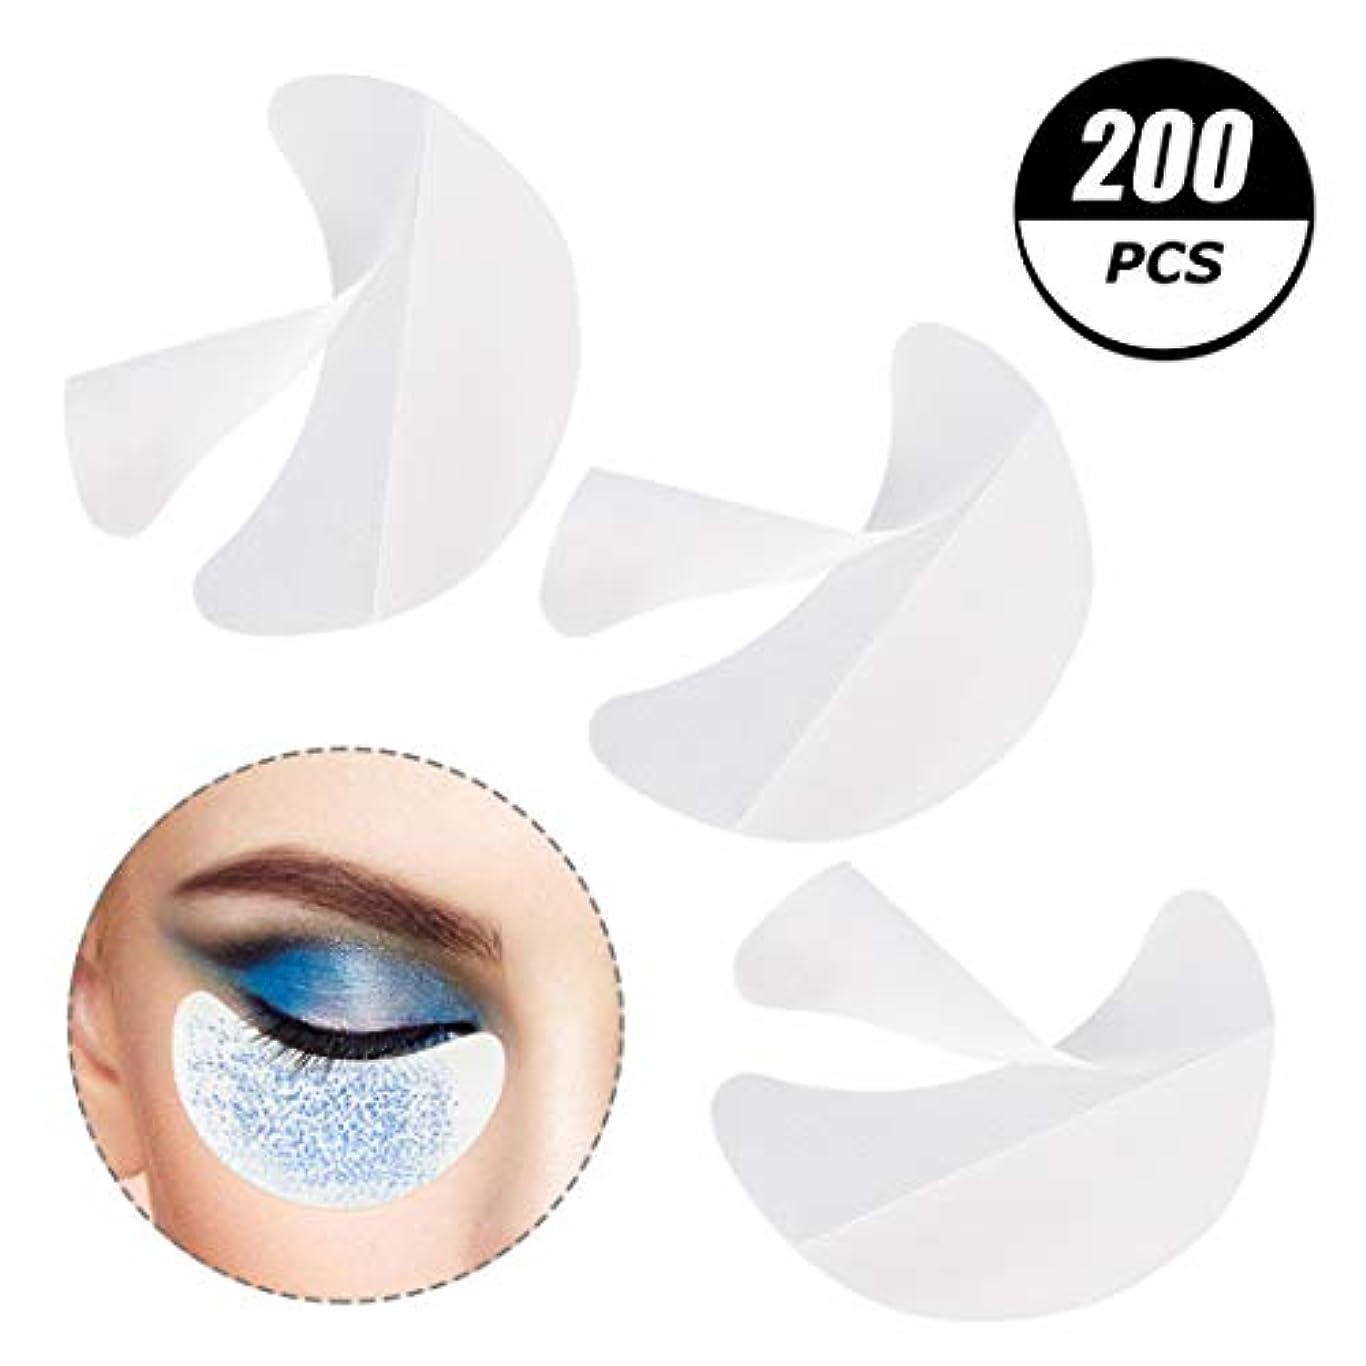 受信機みすぼらしいインレイサリーの店 凝った200個のアイシャドーシールドは、まつげ拡大、色合いと唇化粧残余化粧品ツールを防止するためにアイメイクパッドアイシャドーステンシルをシールドします